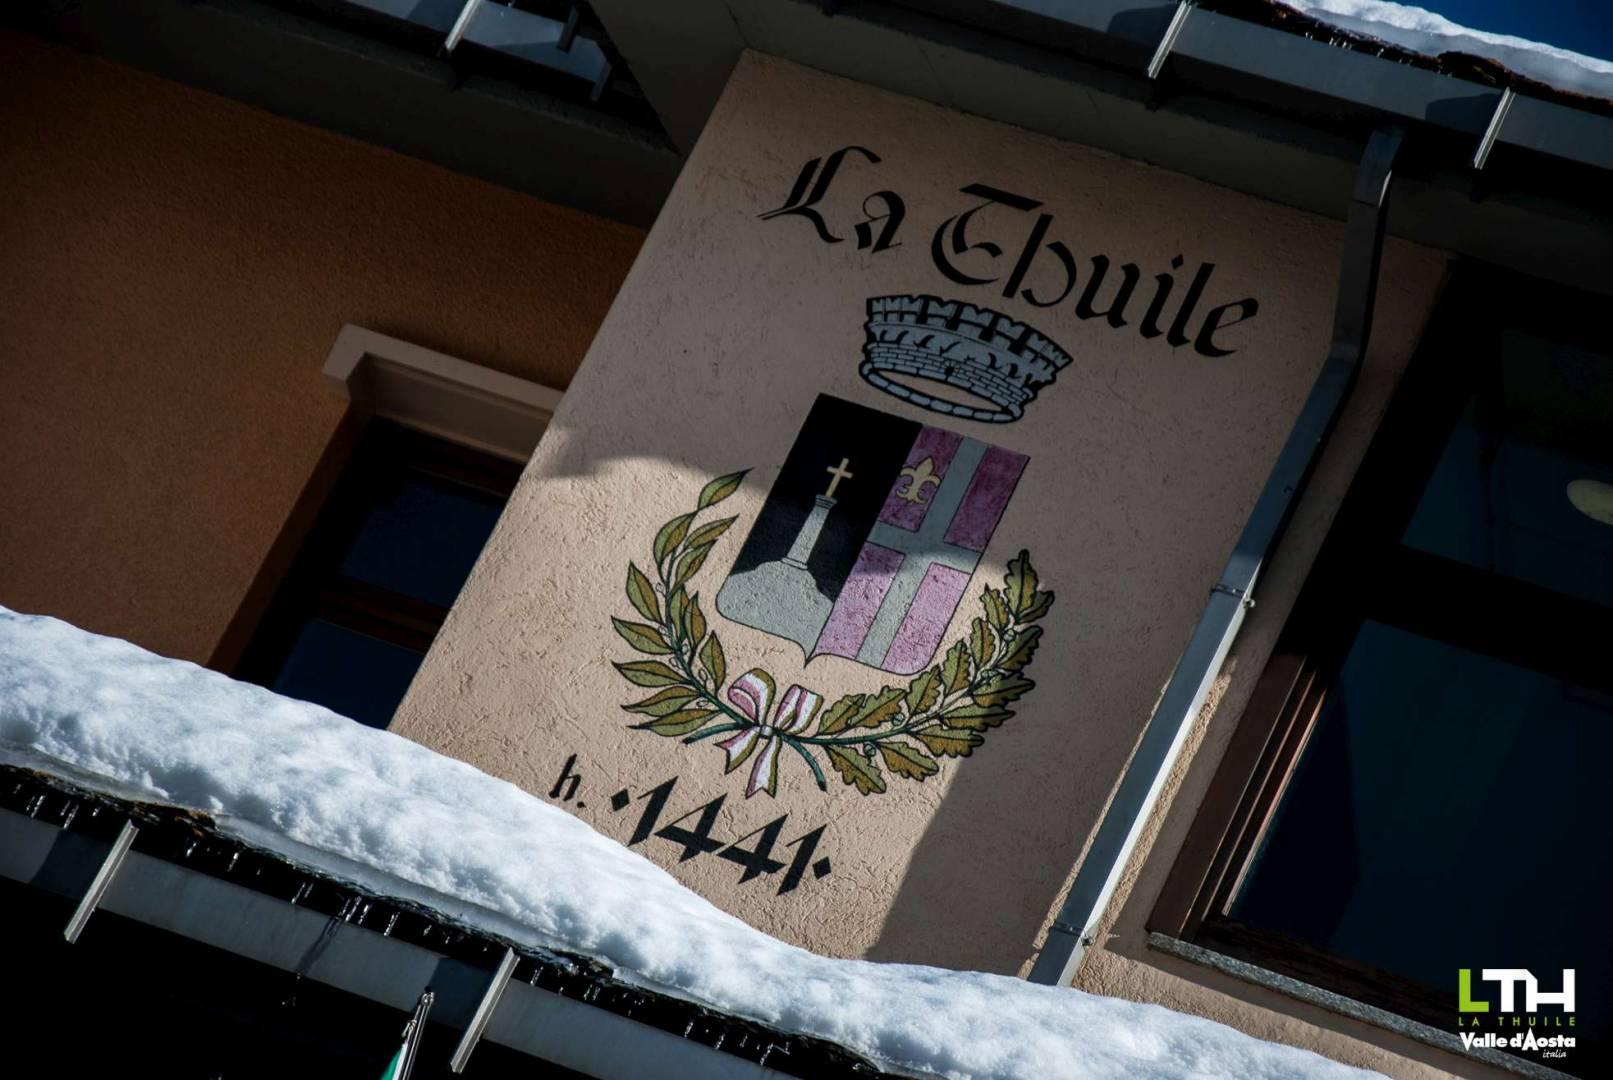 Eletto il nuovo direttivo del Consorzio Operatori Turistici La Thuile